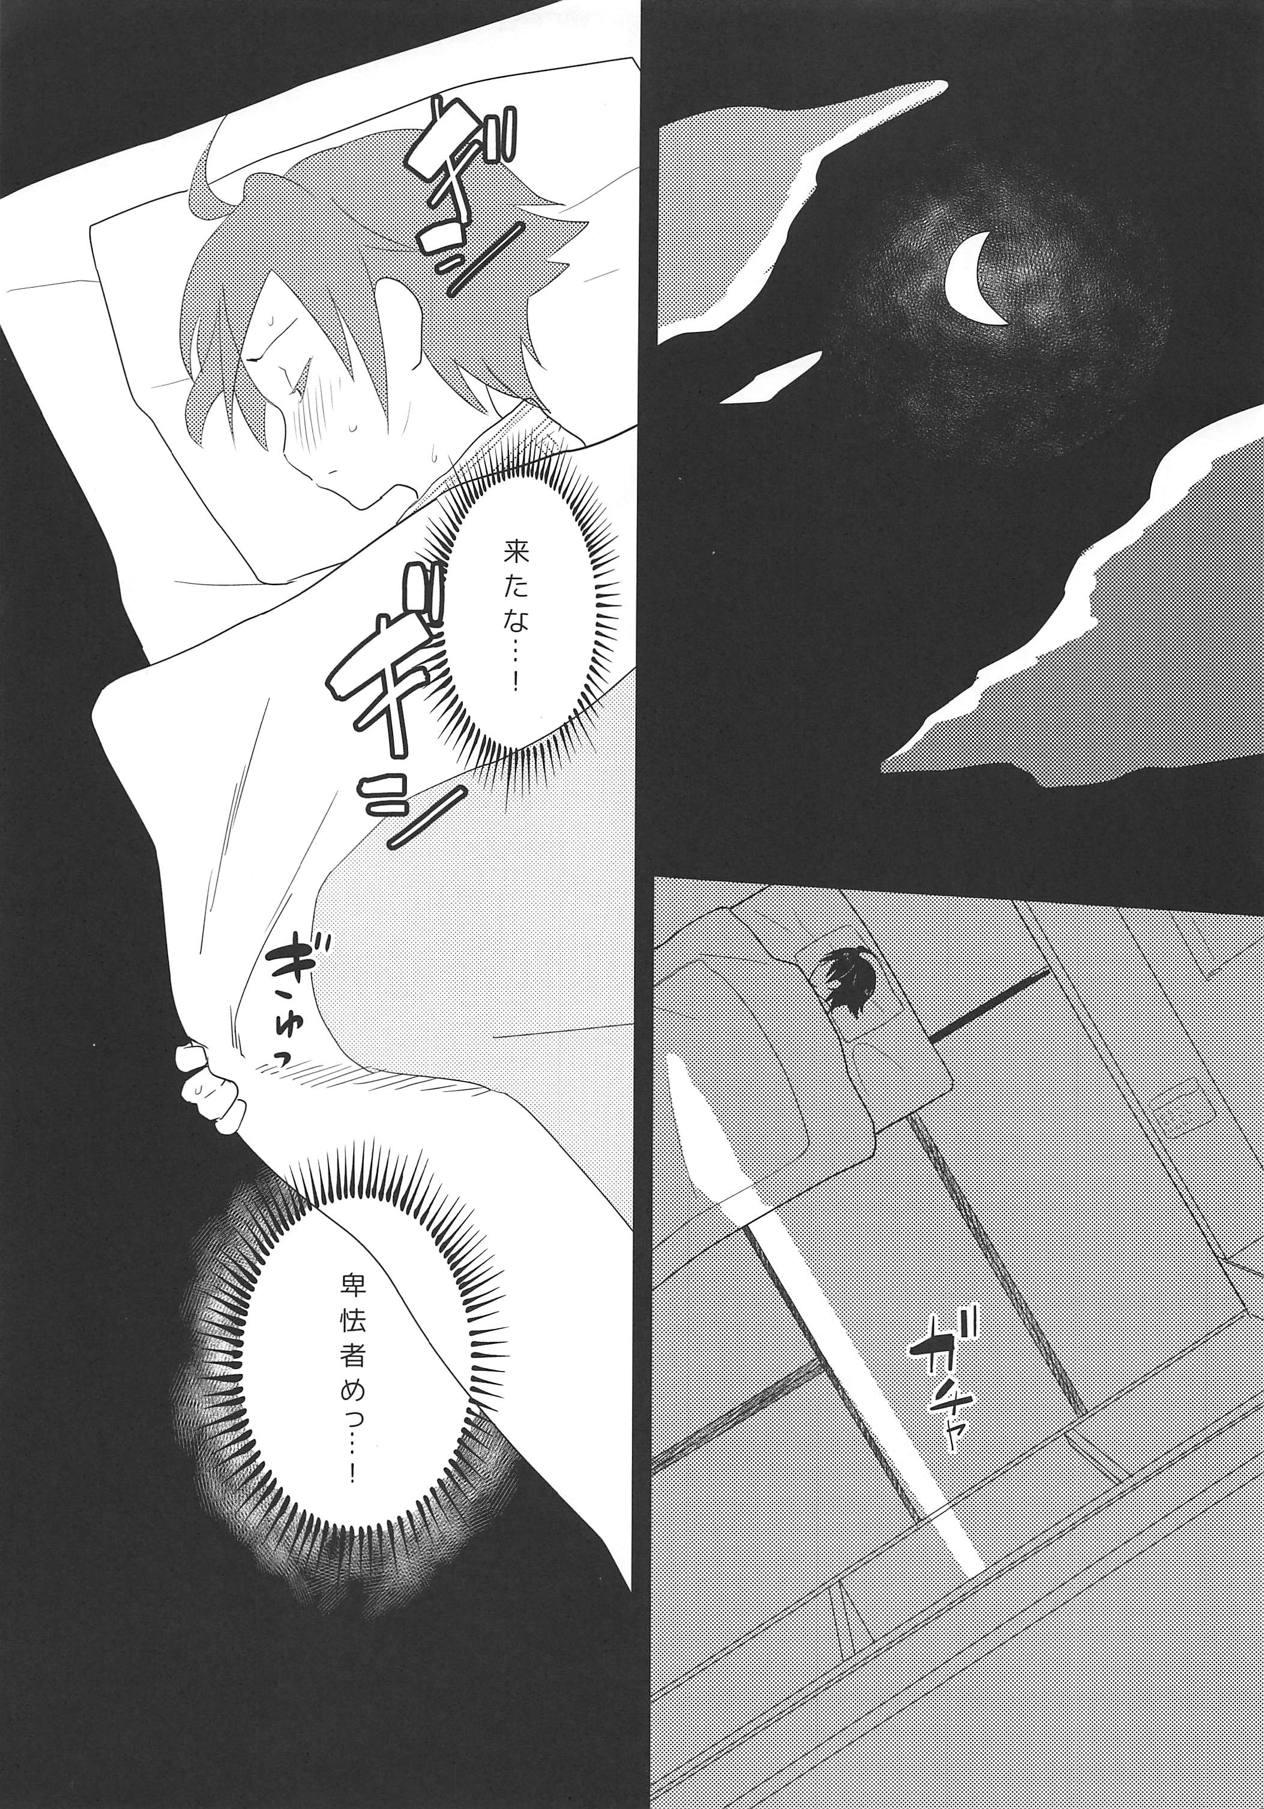 【エロ同人誌】男女合同の空手合宿で飲まされて過ぎてしまったナオ…寝ている間にレイプされ部屋にザーメンの溜まったコンドームが落ちているのを見て大ショックwwwレイプ魔を返り討ちにしようとするが…!?【2=8:空手少女は酒に負け】